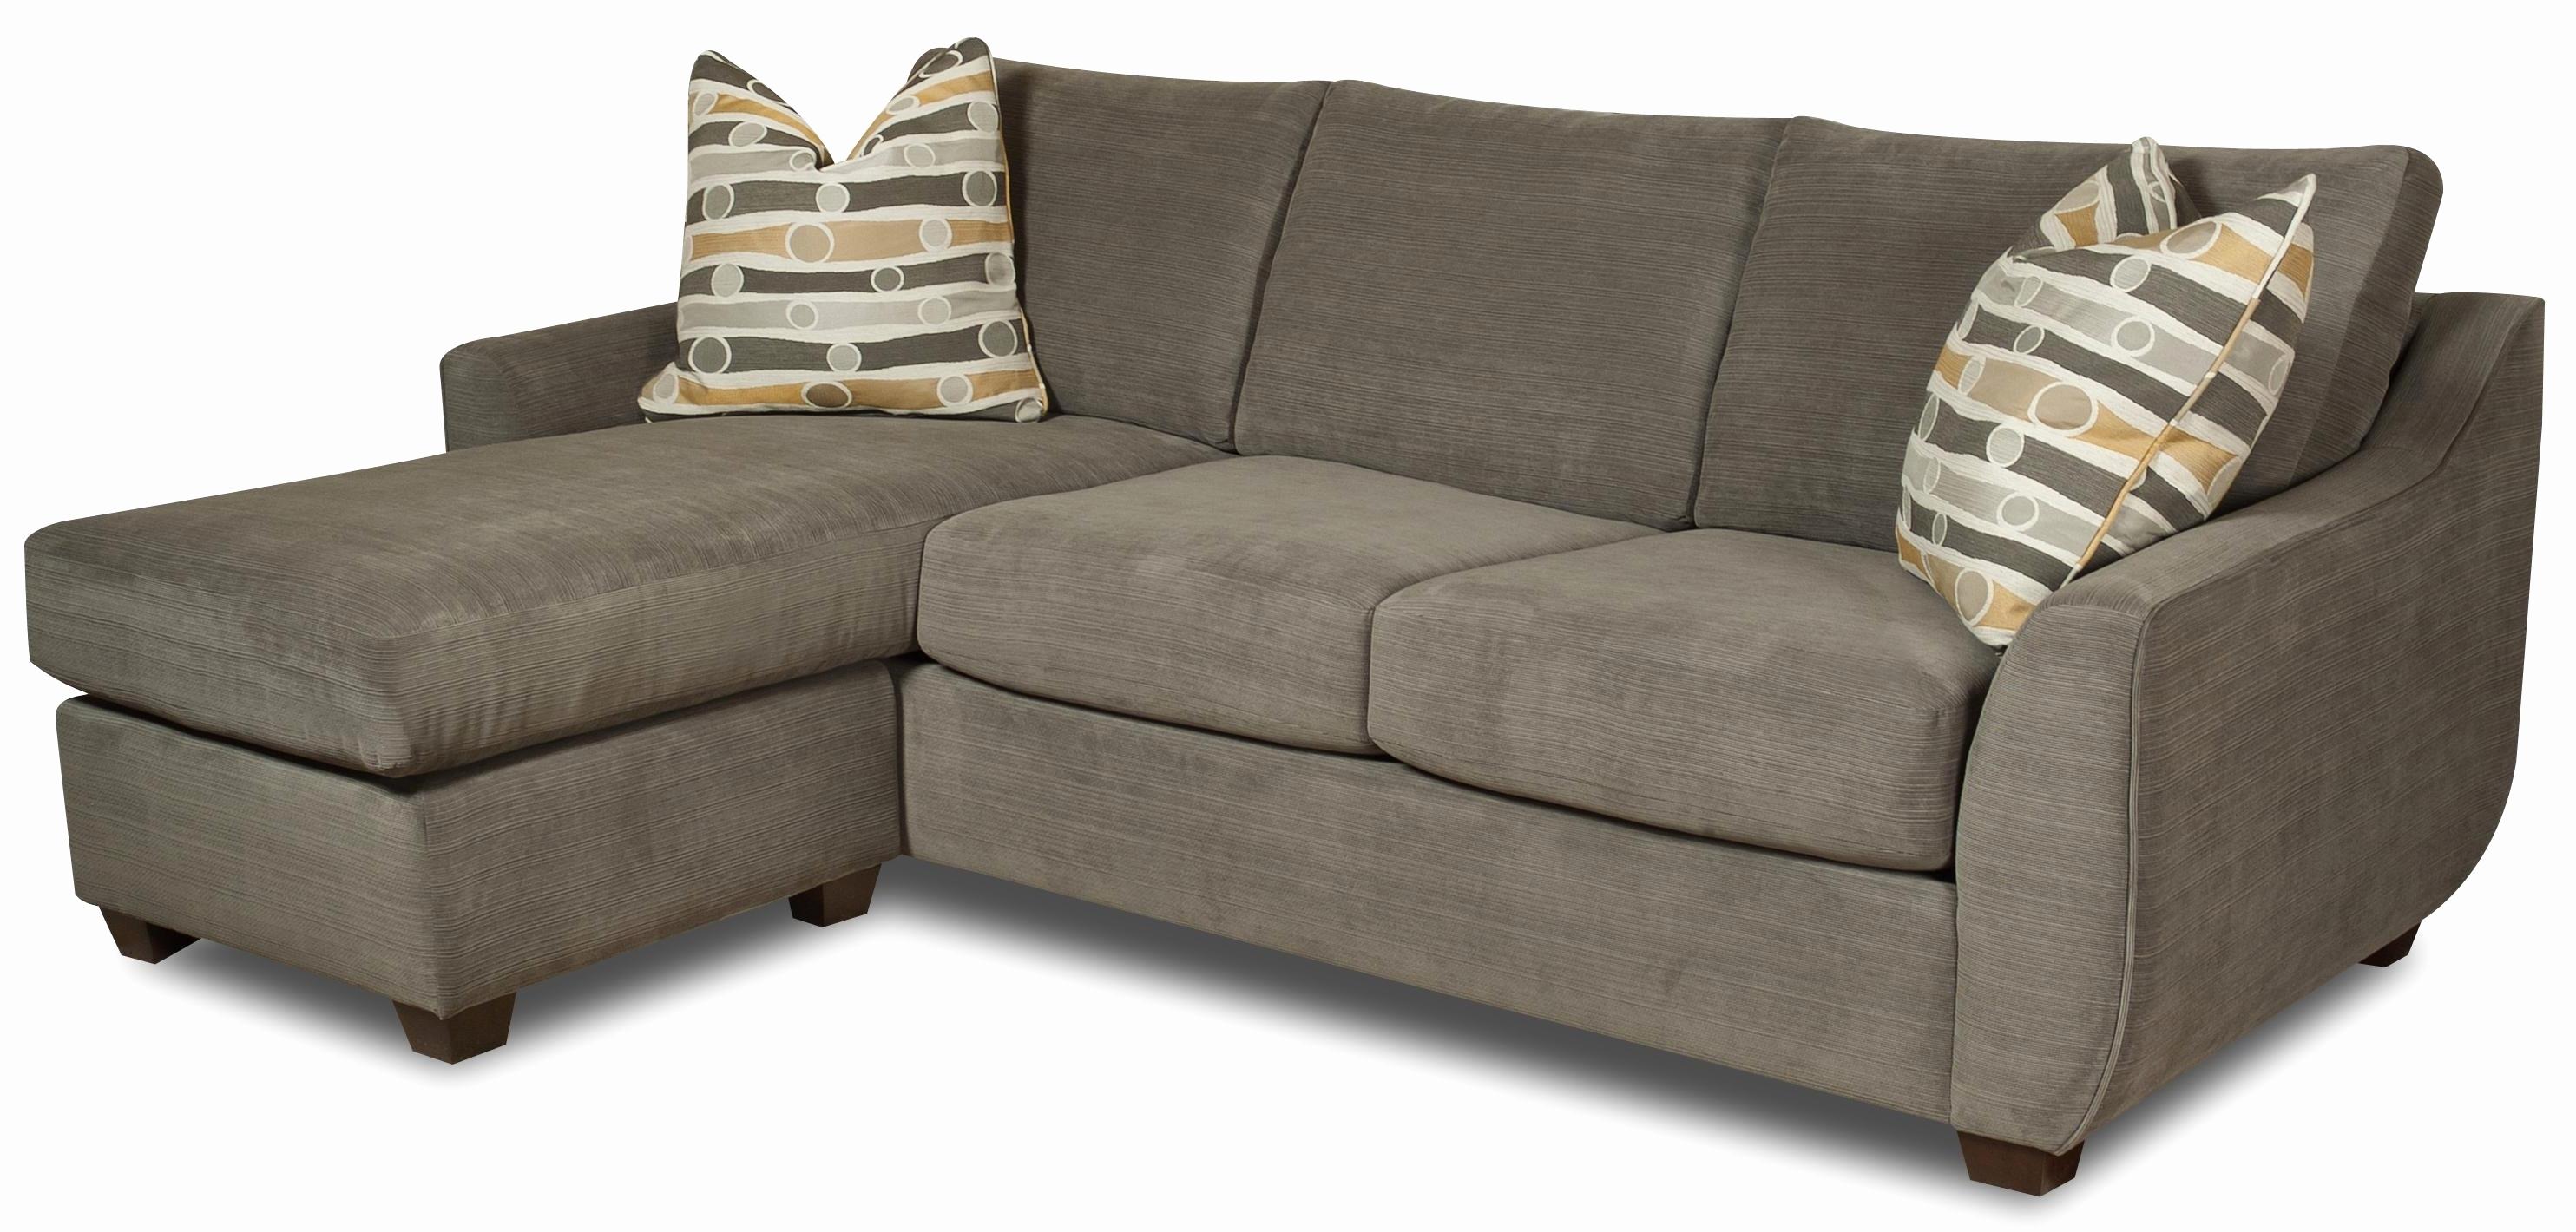 Furniture : Convertible Sectional Sleeper Sofa Elegant Bauhaus In Regarding Newest Elegant Sectional Sofas (View 11 of 20)